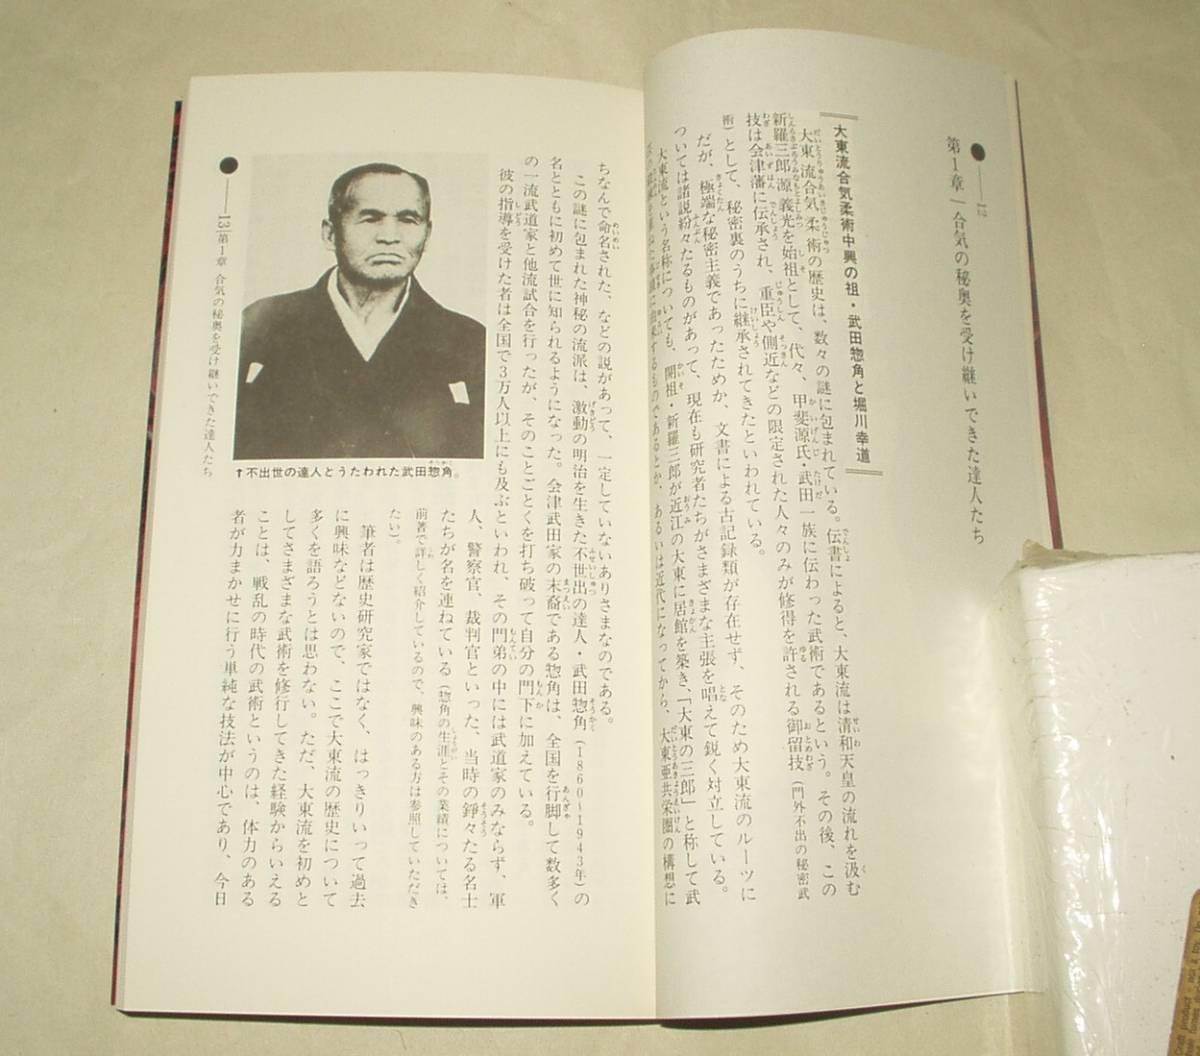 学研 奥伝 大東流合気柔術 岡本正剛 高木一行 VHSソフトと書籍のセット品_画像7